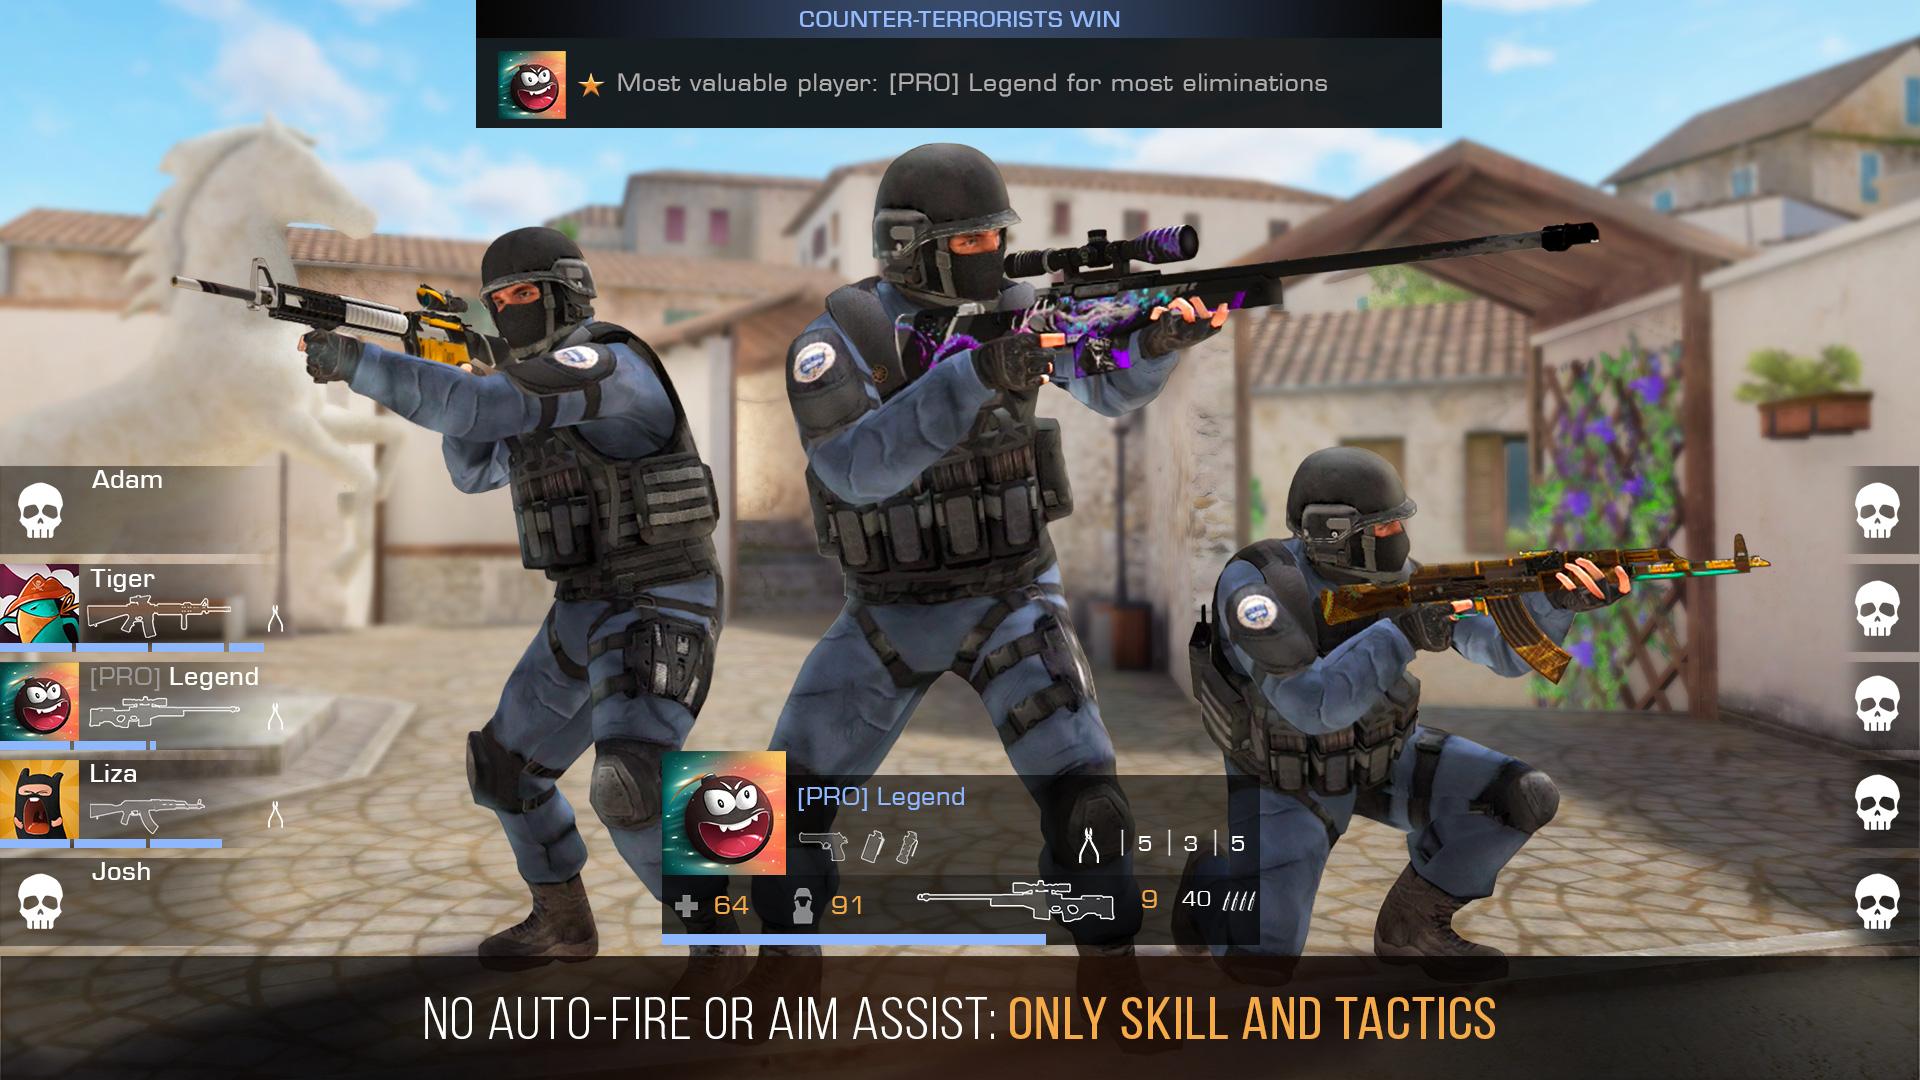 Đến bây giờ, đây vẫn là siêu phẩm FPS đúng chất Counter-Strike chuẩn nhất trên Mobile - Ảnh 2.